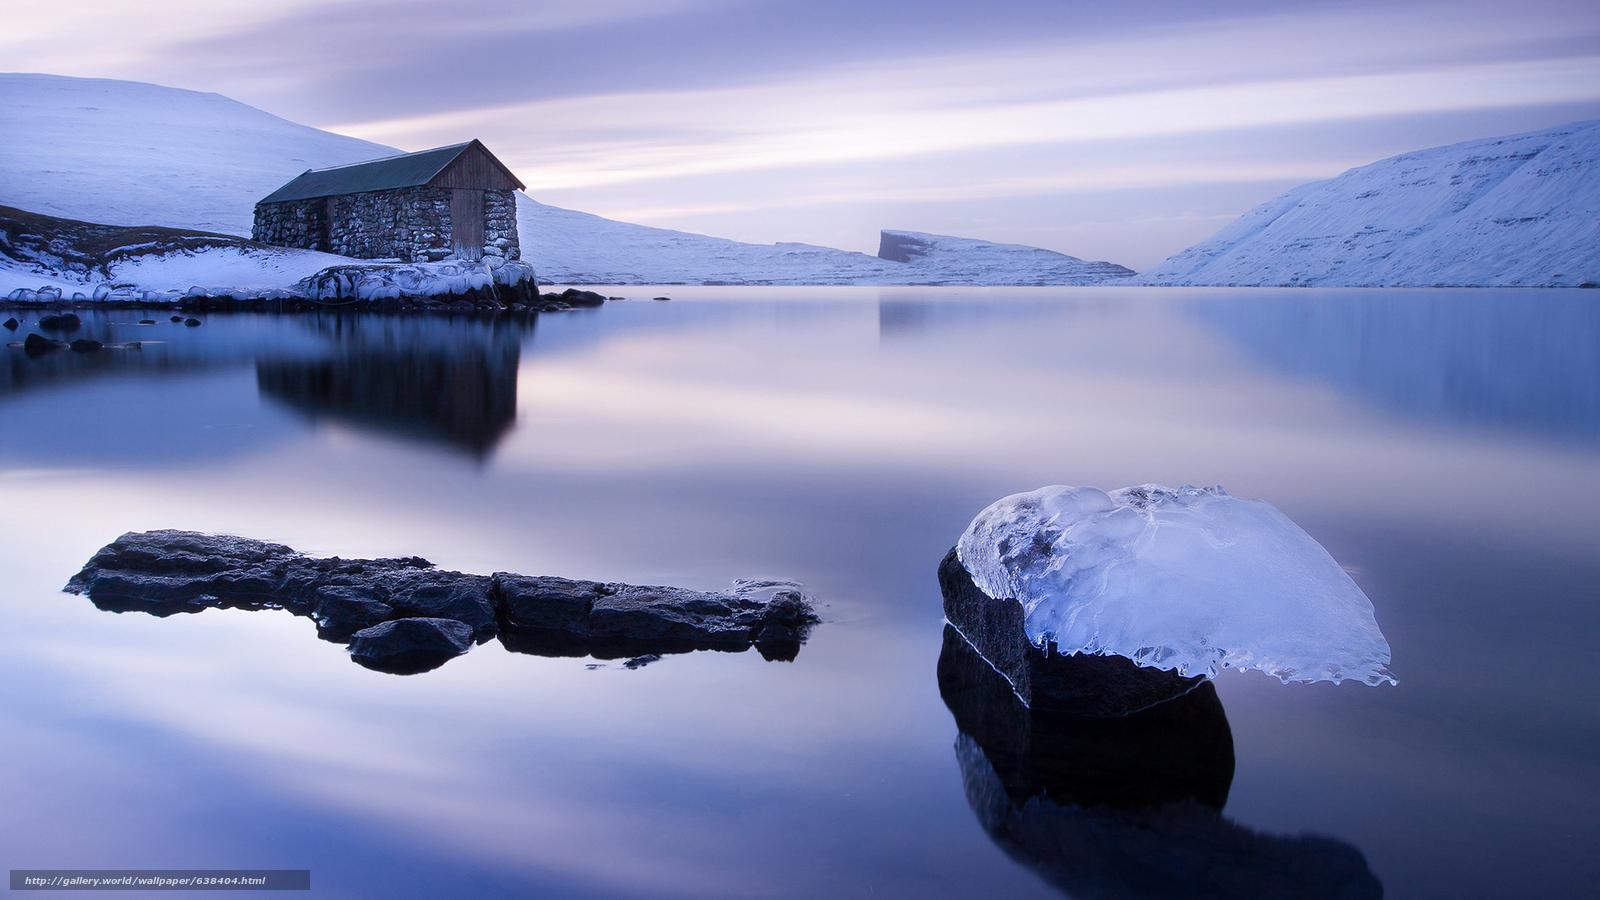 Скачать обои лёд,  ледник,  льдины,  зима бесплатно для рабочего стола в разрешении 2048x1152 — картинка №638404